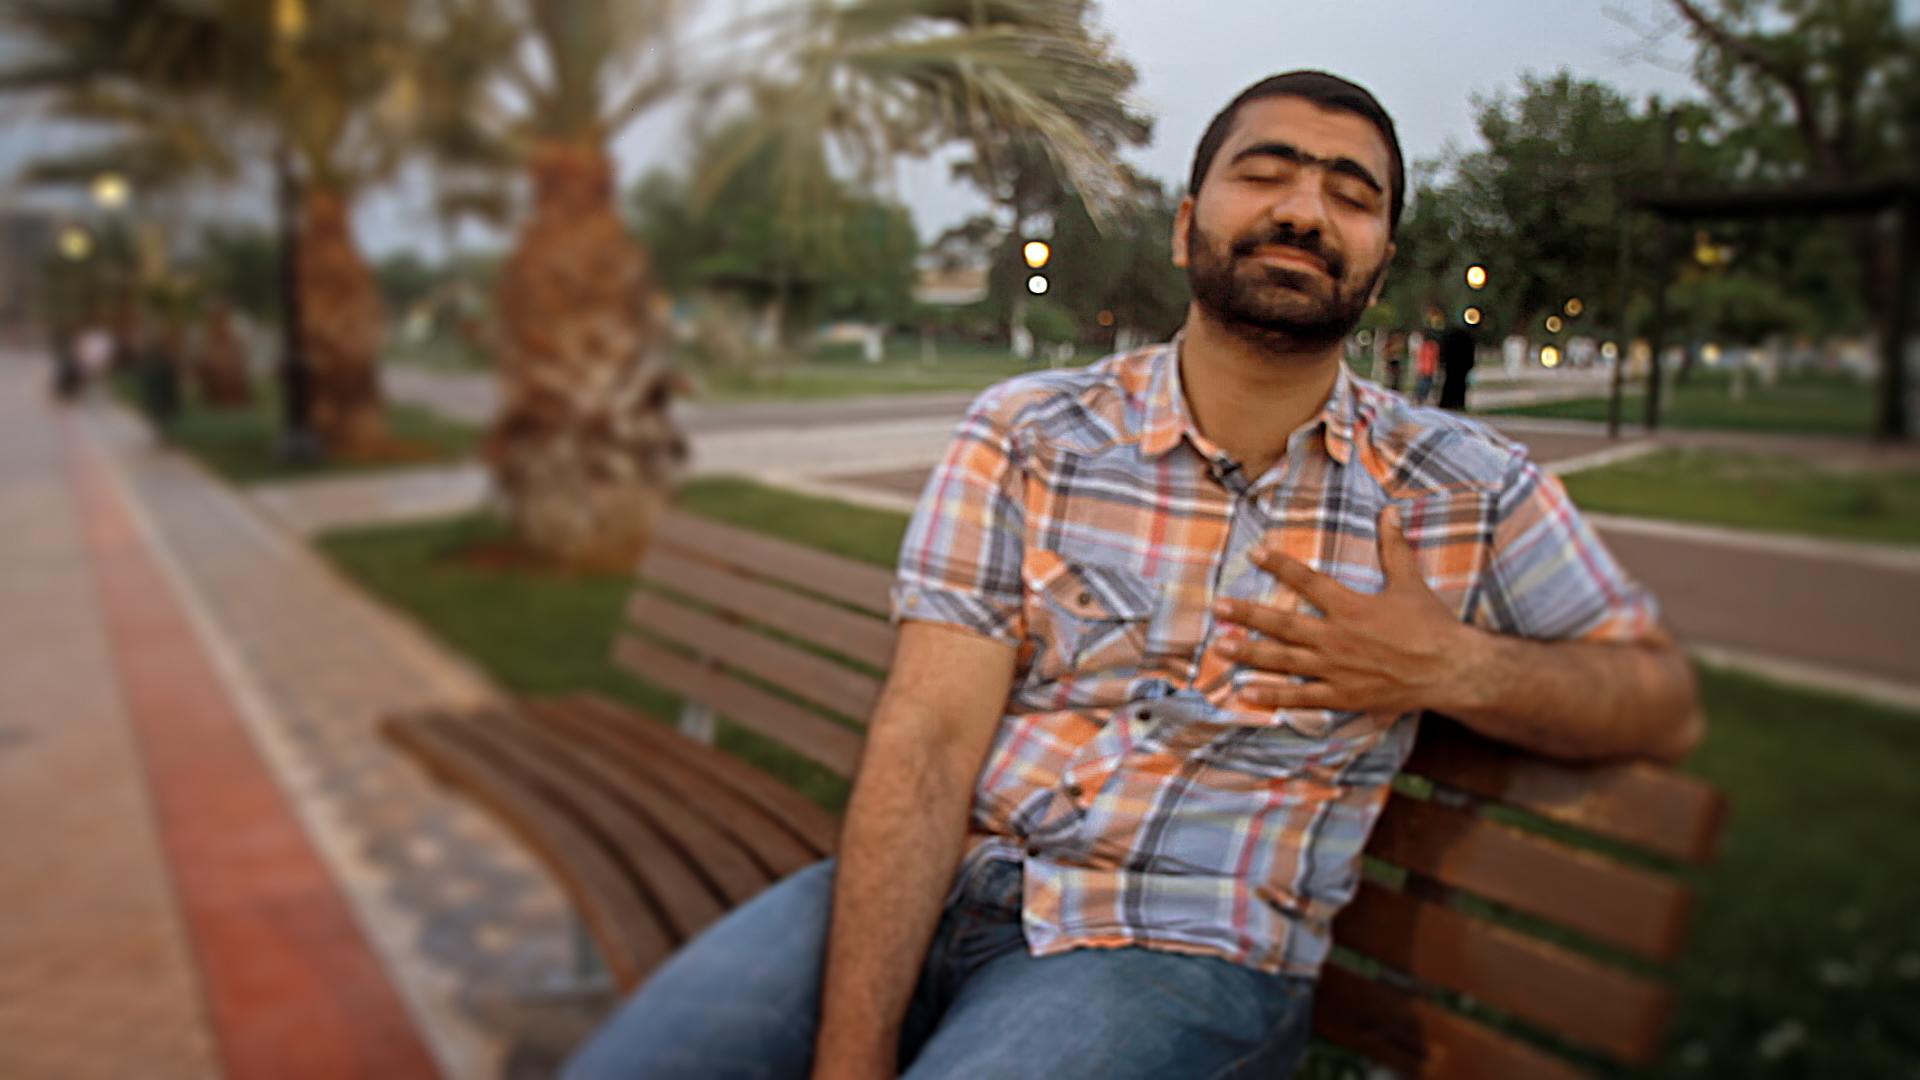 Ibrahim Park Bench Singing Edited.jpg